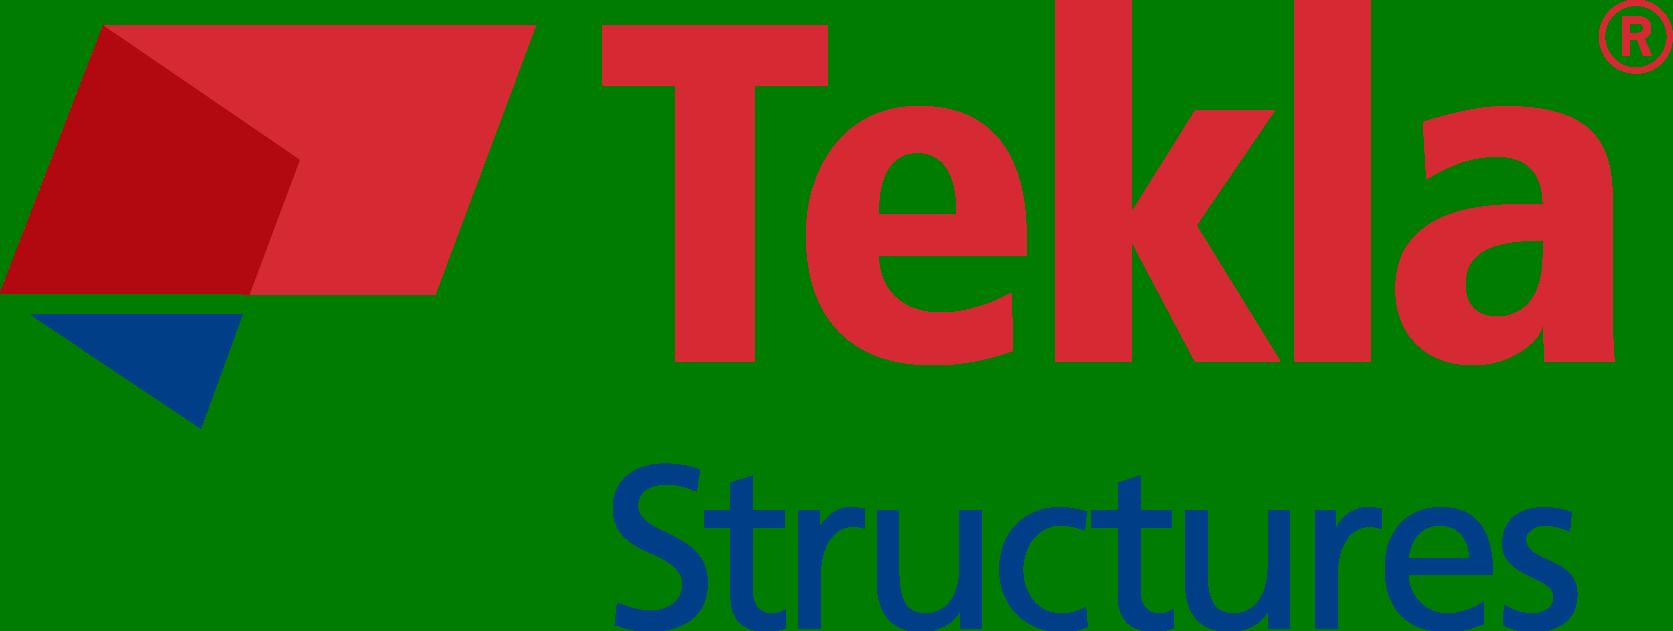 Teklastructures